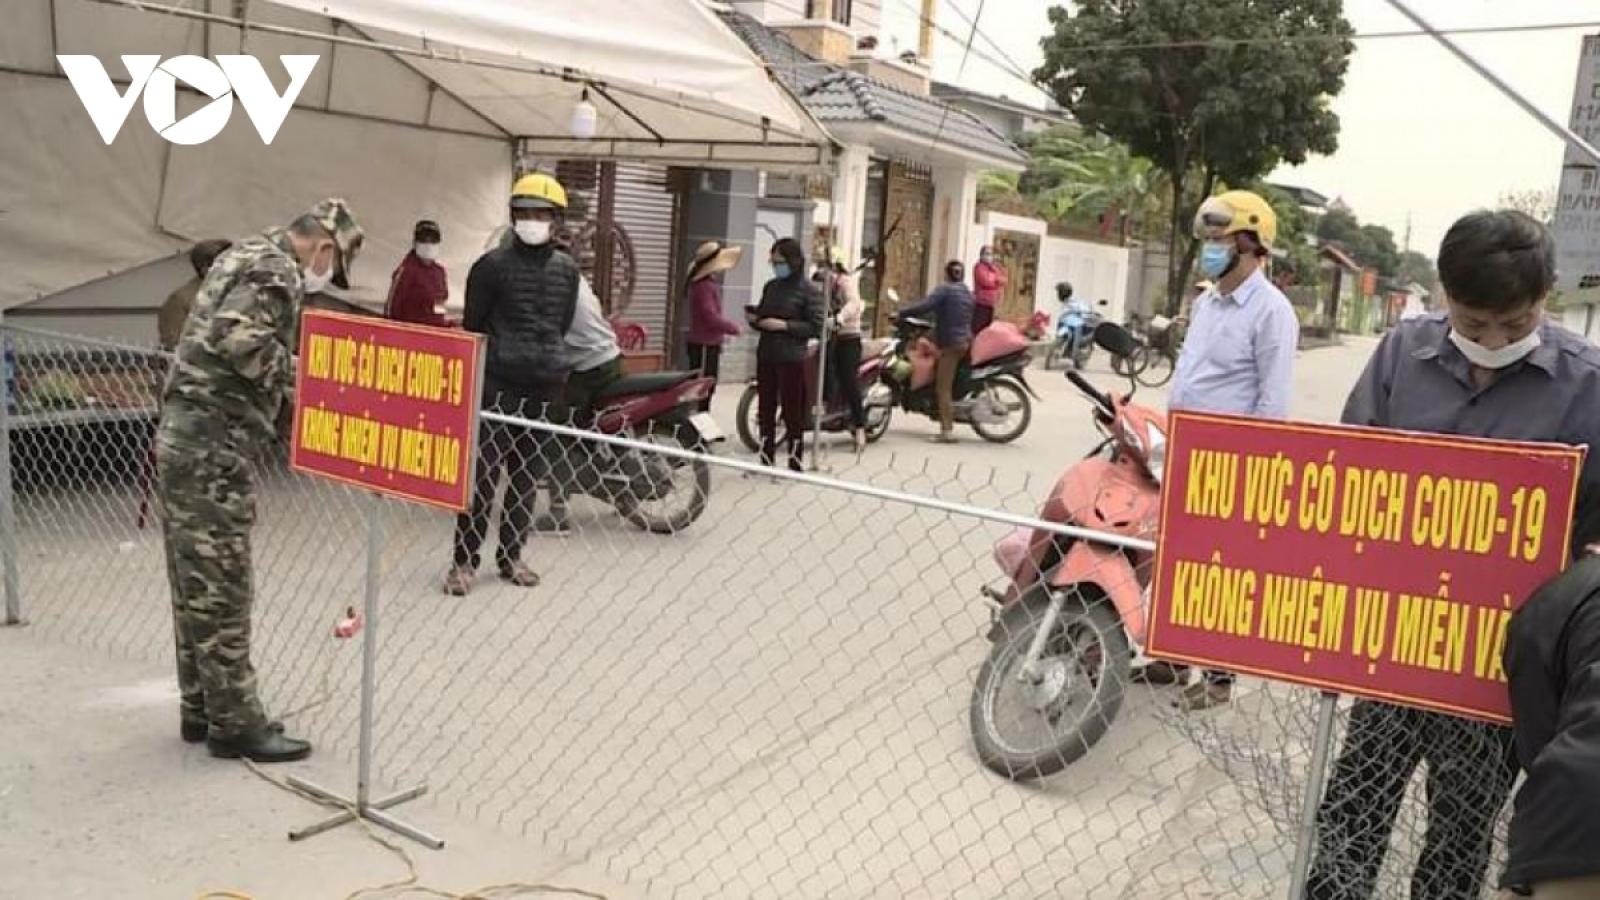 Quảng Ninh xử phạt 125 triệu đồng với nhóm người trốn khai báo y tế